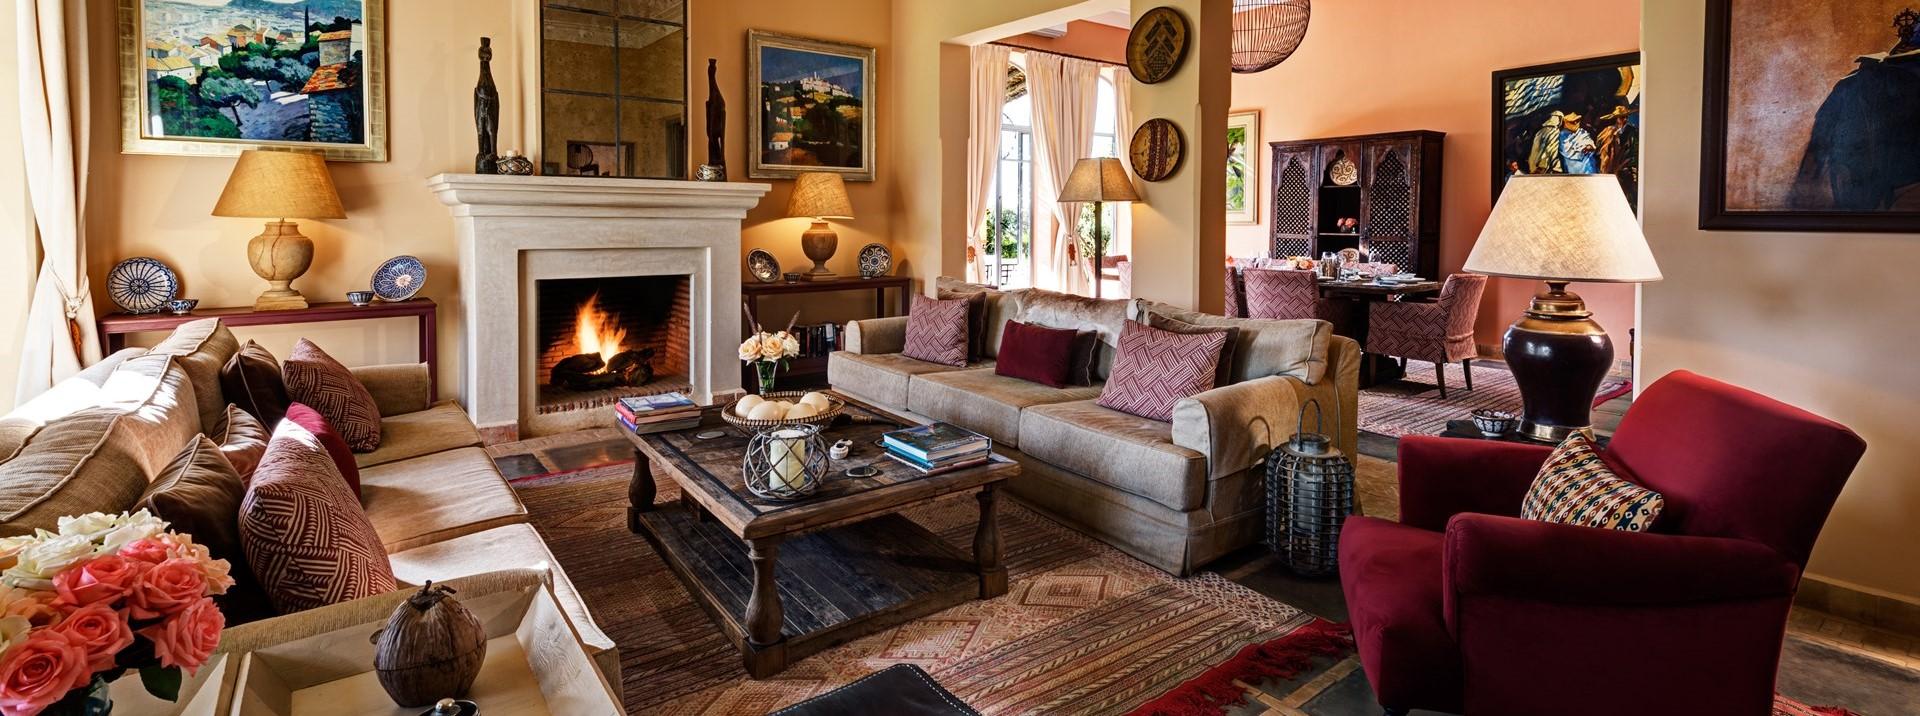 villa-dar-yasmina-marrakech-lounge